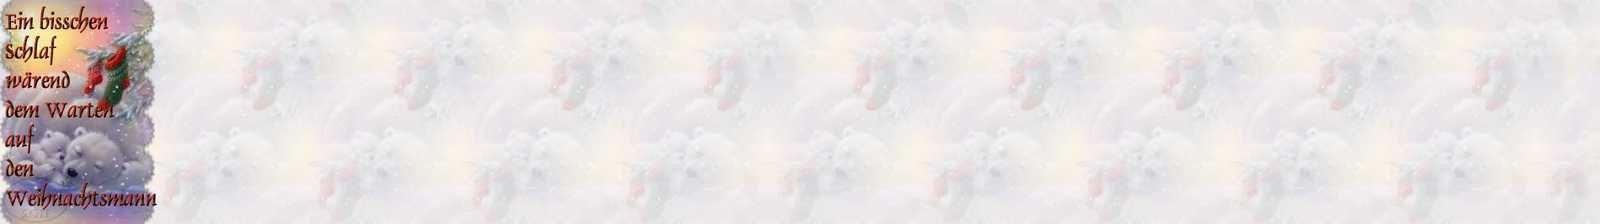 Ein bisschen Schlaf wärend dem Warten auf den Weihnachtsmann Incredimail &amp&#x3B; A4 h l &amp&#x3B; outlook &amp&#x3B; enveloppe &amp&#x3B; 2 cartes A5 &amp&#x3B; signets   warten_noel_ourses_chaussettes_cb350c8d_00_domi